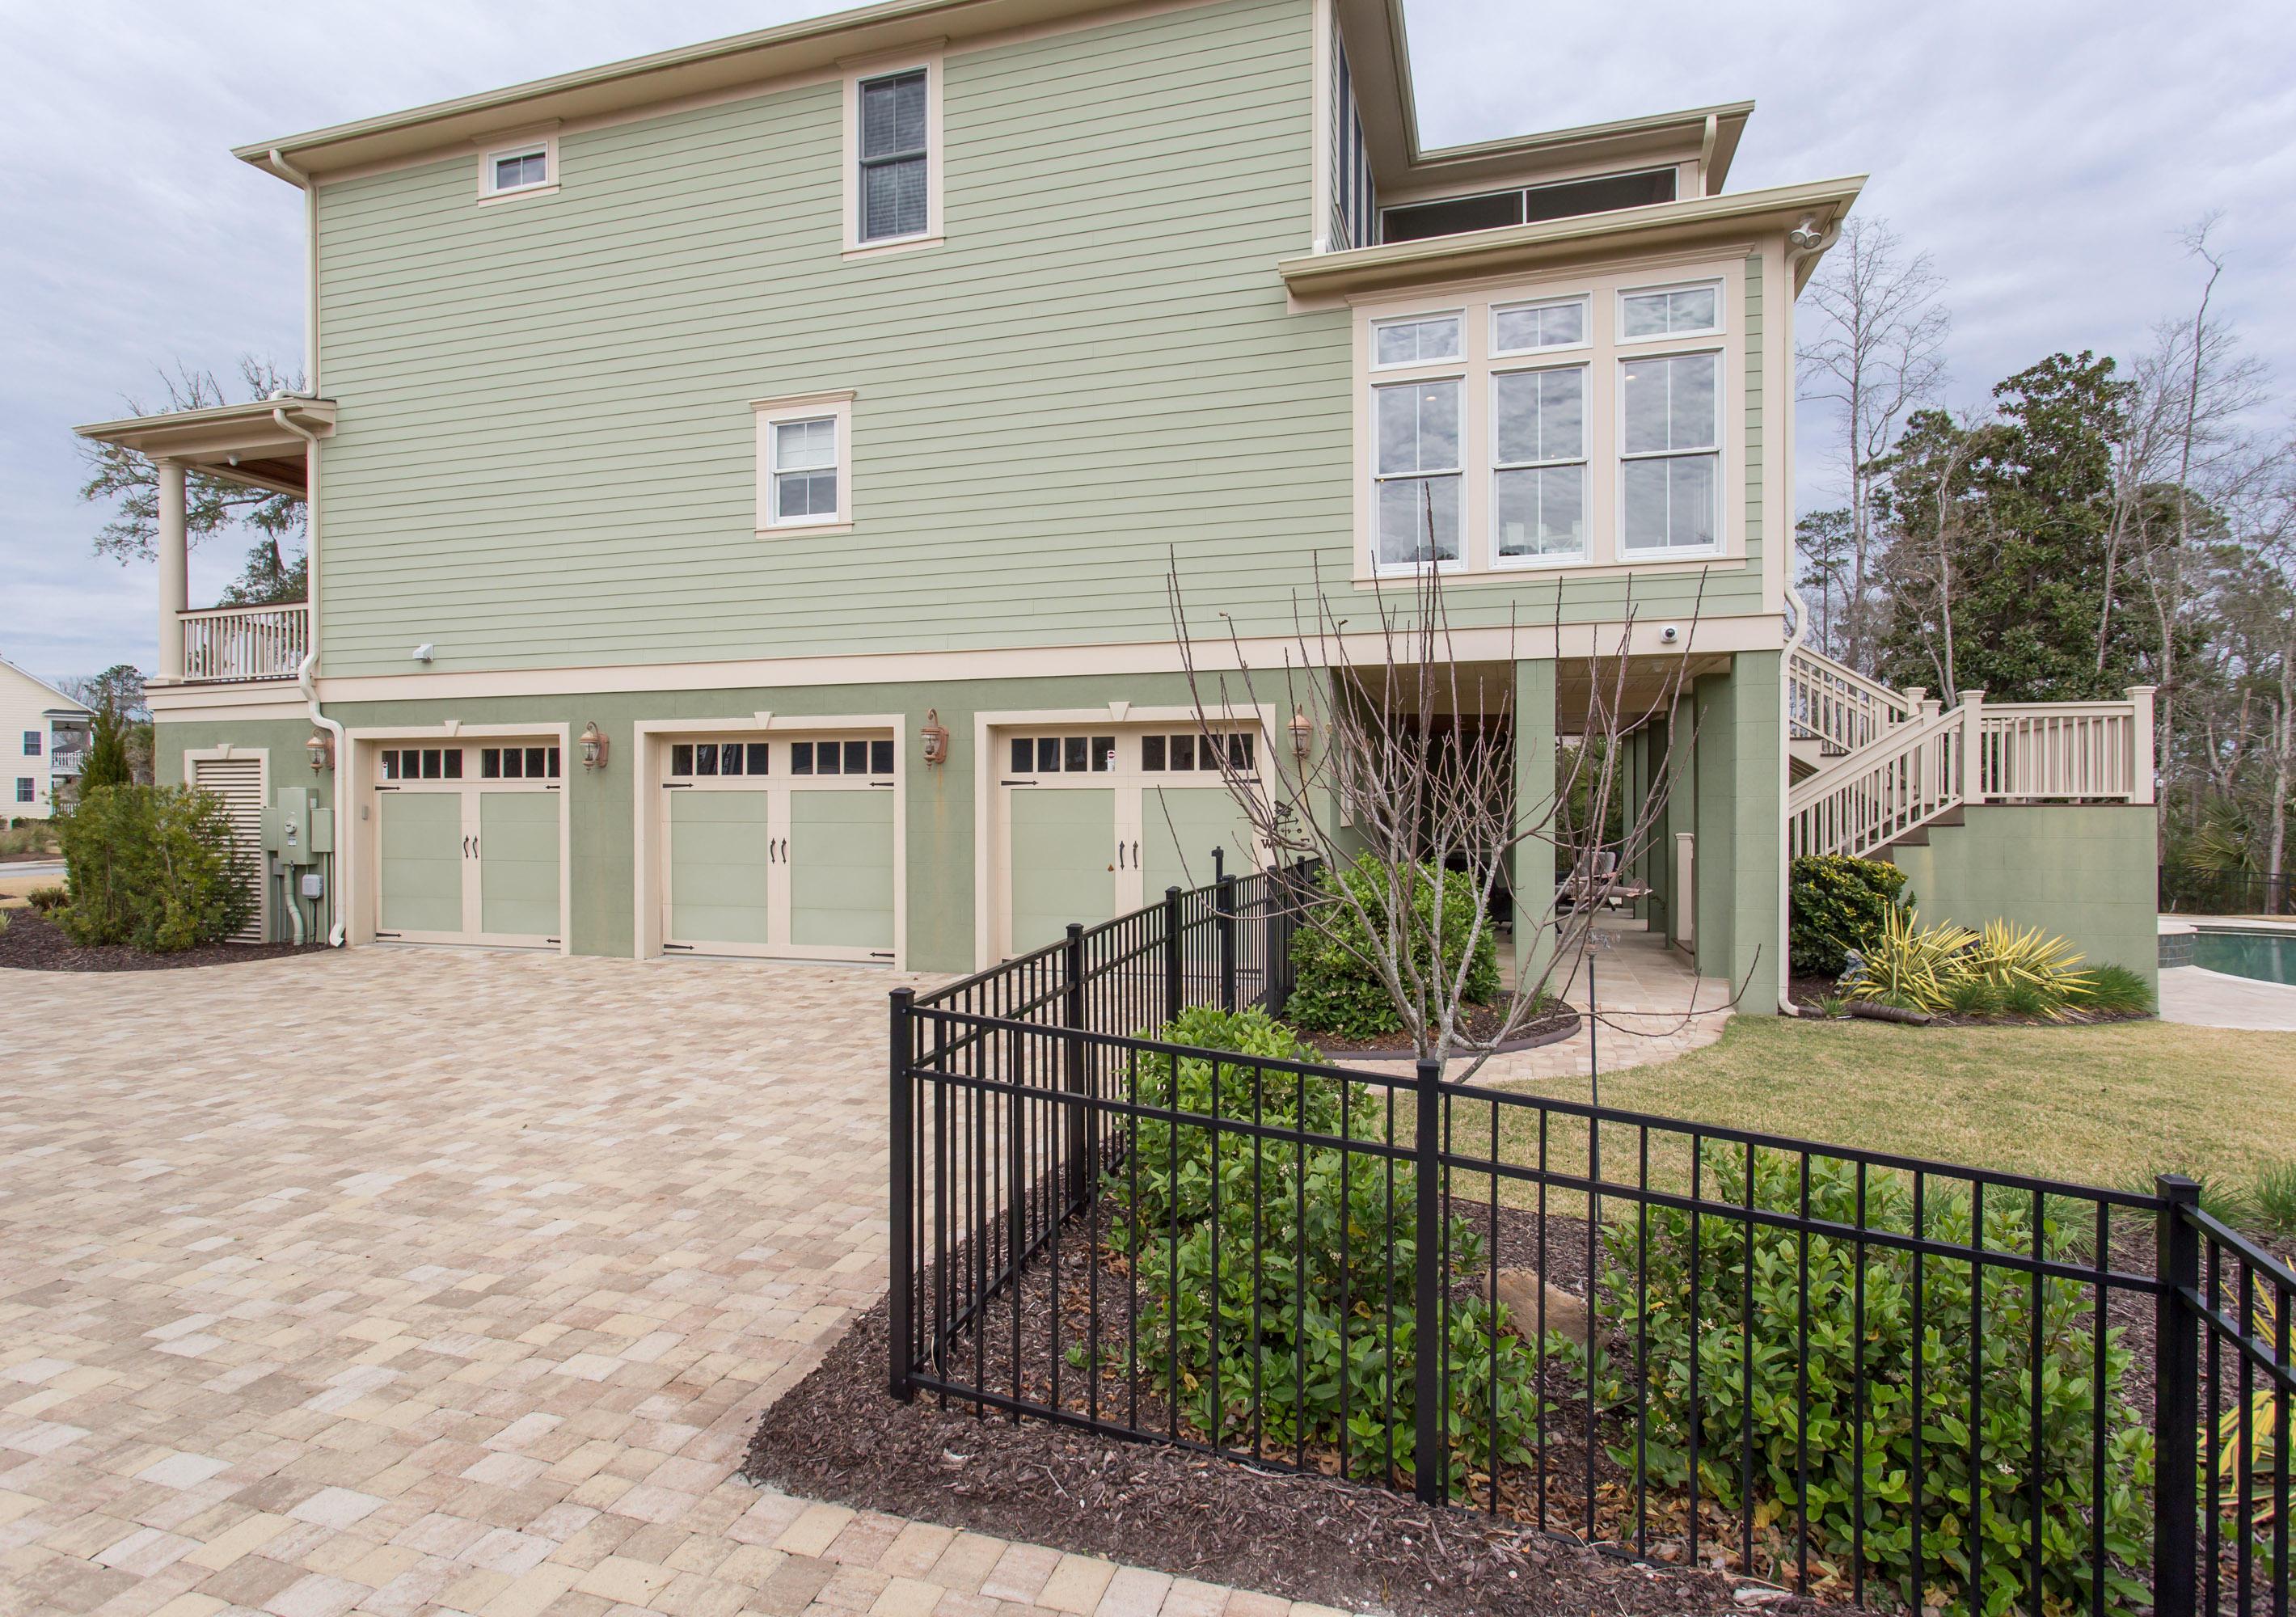 Dunes West Homes For Sale - 3044 Yachtsman, Mount Pleasant, SC - 10